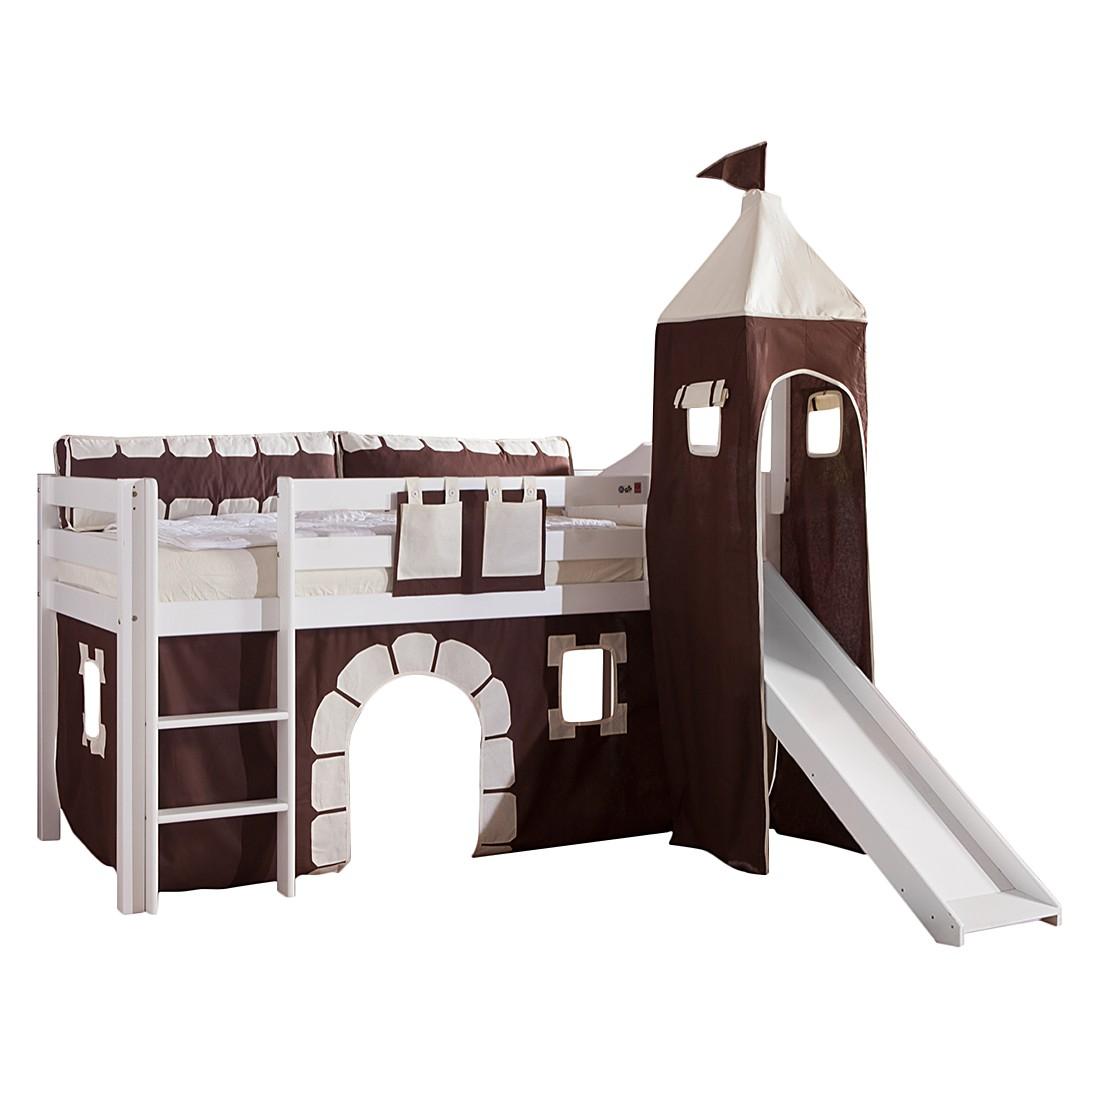 Spielbett Alex – mit Rutsche, Vorhang, Turm und Tasche – Buche weiß/Textil Burg, Relita online bestellen